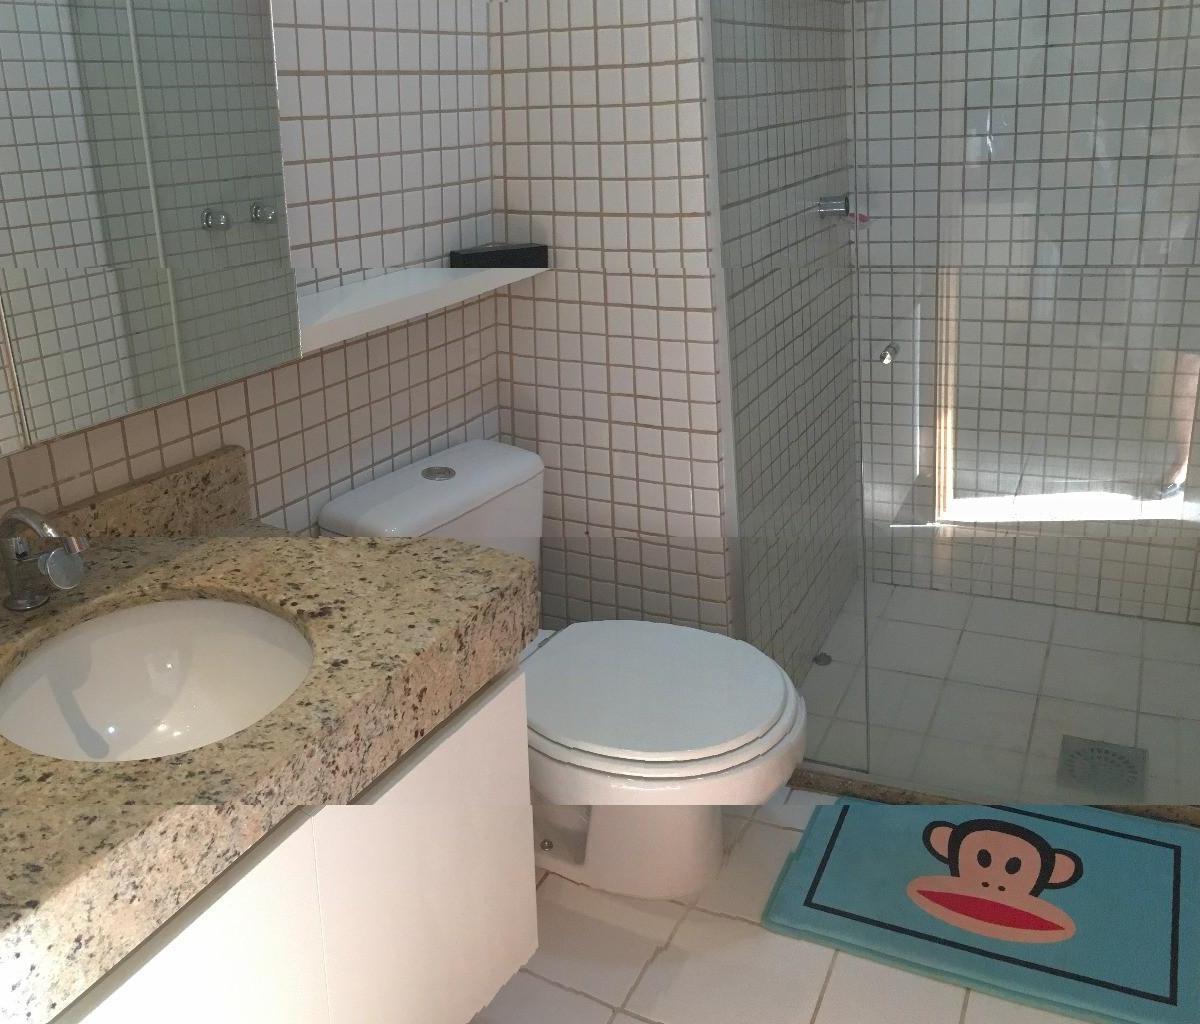 Apartamento à venda com 1 Quarto R$ 350.000 50 m2 ID: 2929235216  #846647 1200 1024